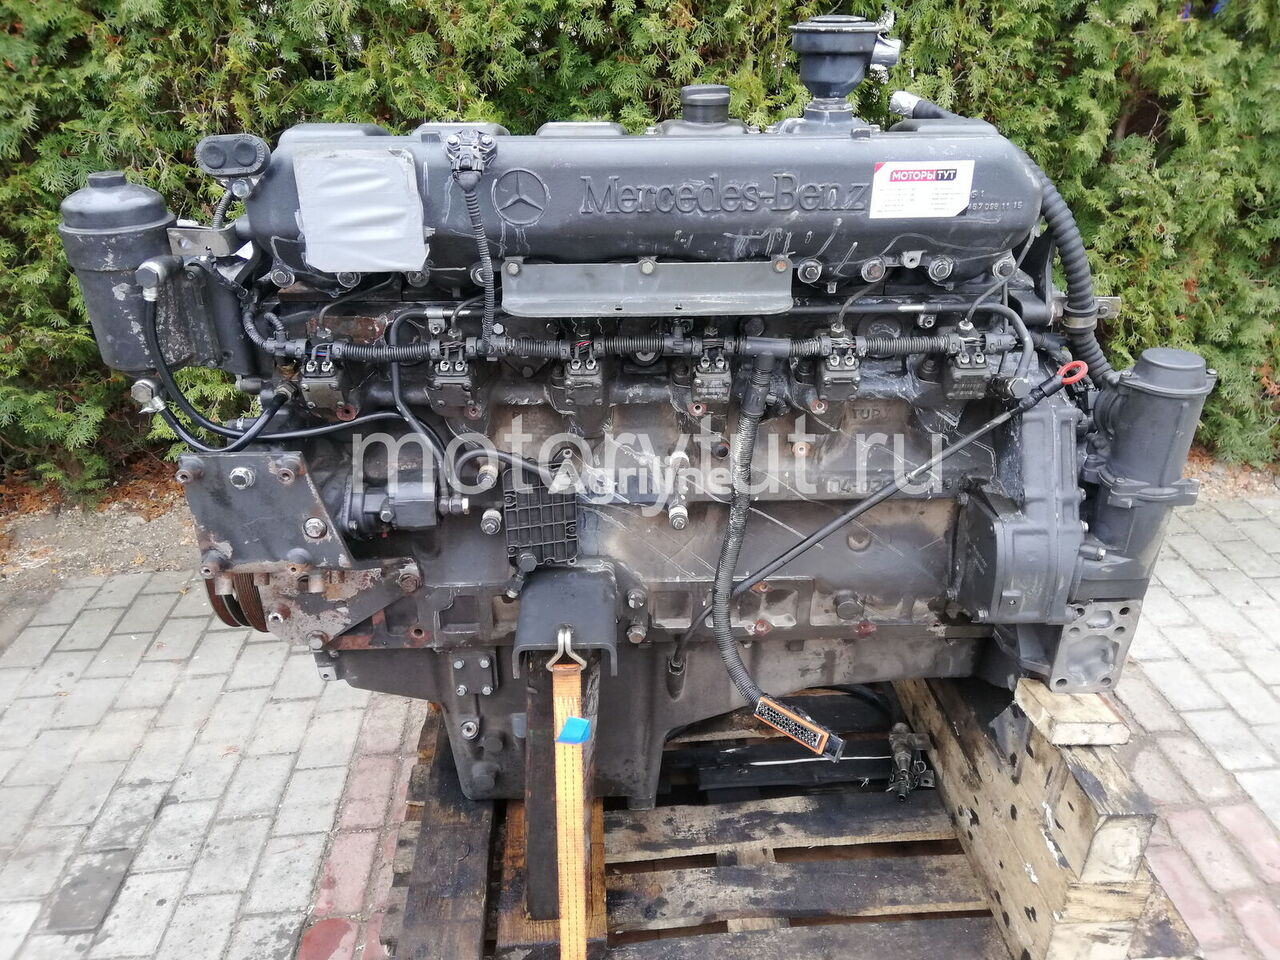 MERCEDES-BENZ OM 457 LA (458.970, 458.980) engine for CLAAS Jaguar grain harvester